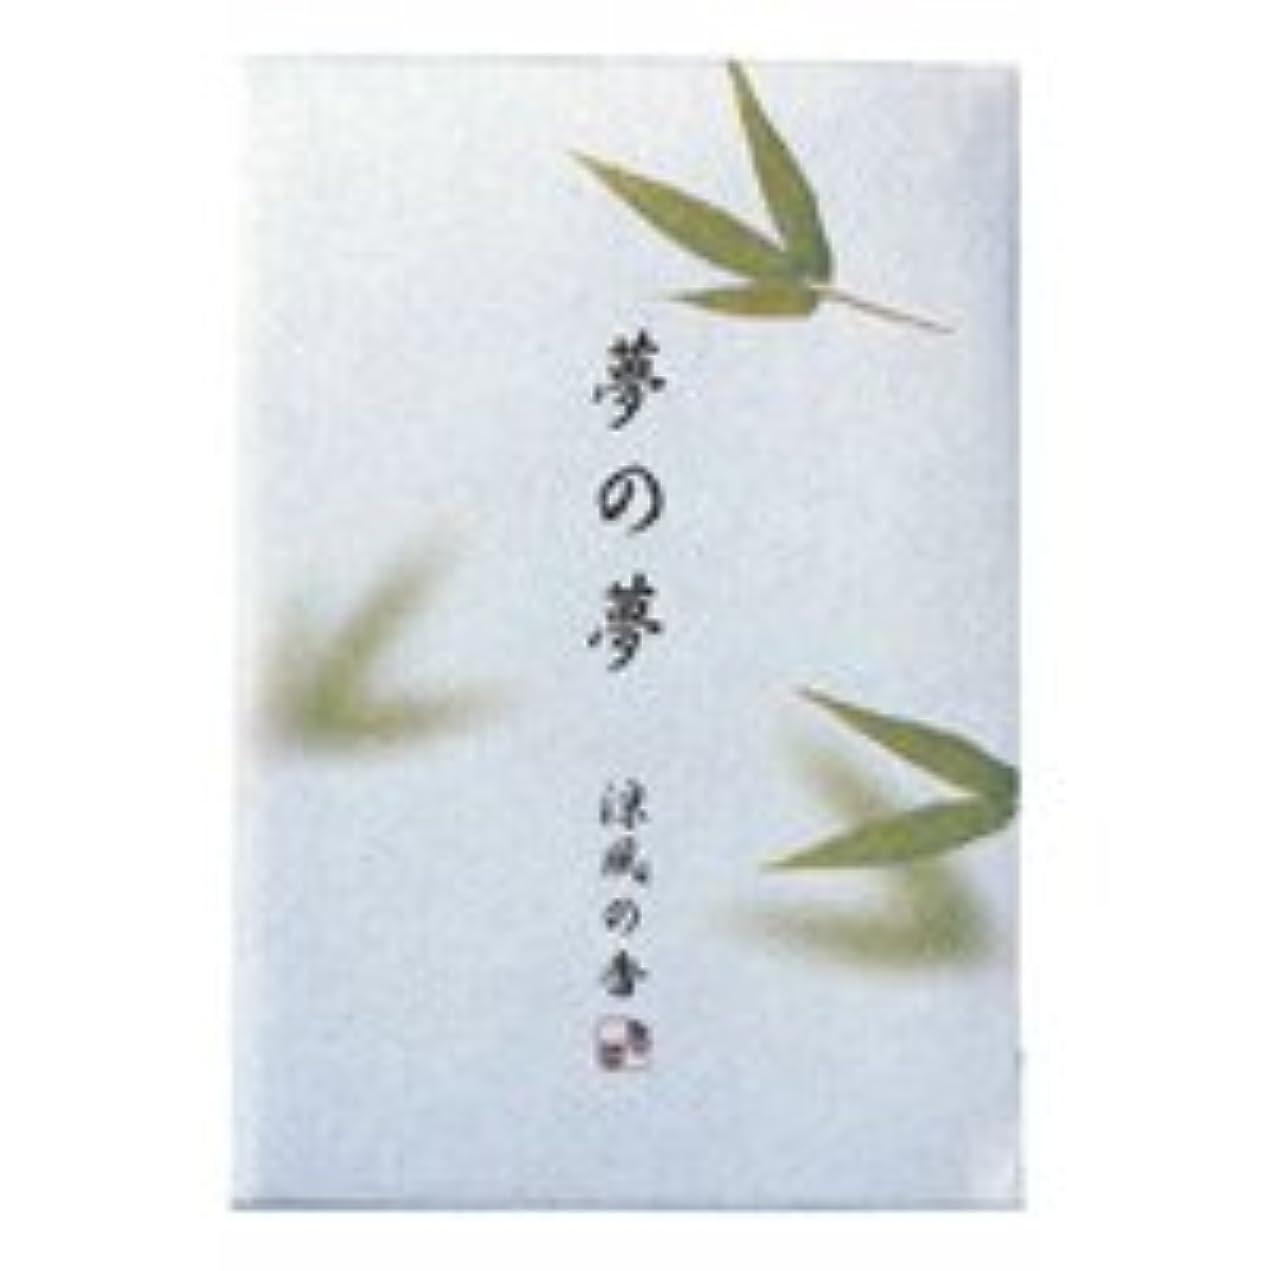 ペット引数同化日本香堂 夢の夢 涼風の香(すずかぜ) お香 スティック 12本